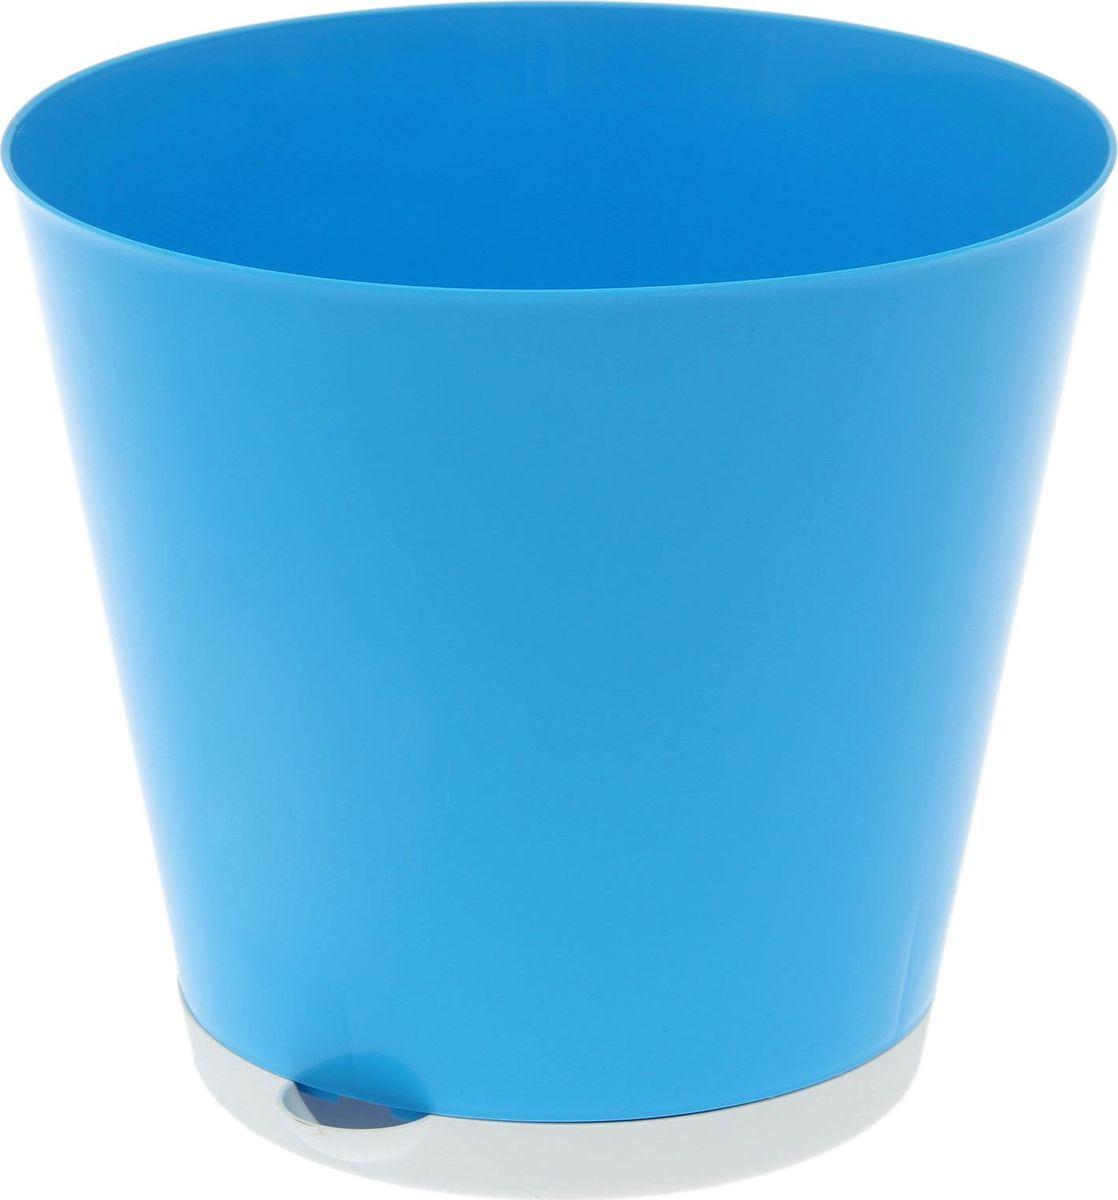 Горшок для цветов InGreen Крит, с системой прикорневого полива, цвет: светло-синий, 5 л1637037Каждому хозяину периодически приходит мысль обновить свою квартиру, сделать ремонт, перестановку или кардинально поменять внешний вид каждой комнаты. Пластиковый горшок для цветов InGreen Крит - это поиск нового, в основе которого лежит целесообразность. Специальная конструкция обеспечивает вентиляцию в корневой системе растения, а дренажная решетка позволяет выходить лишней влаге из почвы. Крепежные отверстия и штыри прочно крепят подставку к горшку. Прикорневой полив растения осуществляется через удобный носик.Окружите себя приятными мелочами, пусть они радуют глаз и дарят гармонию.Диаметр горшка (по верхнему краю): 22,6 см.